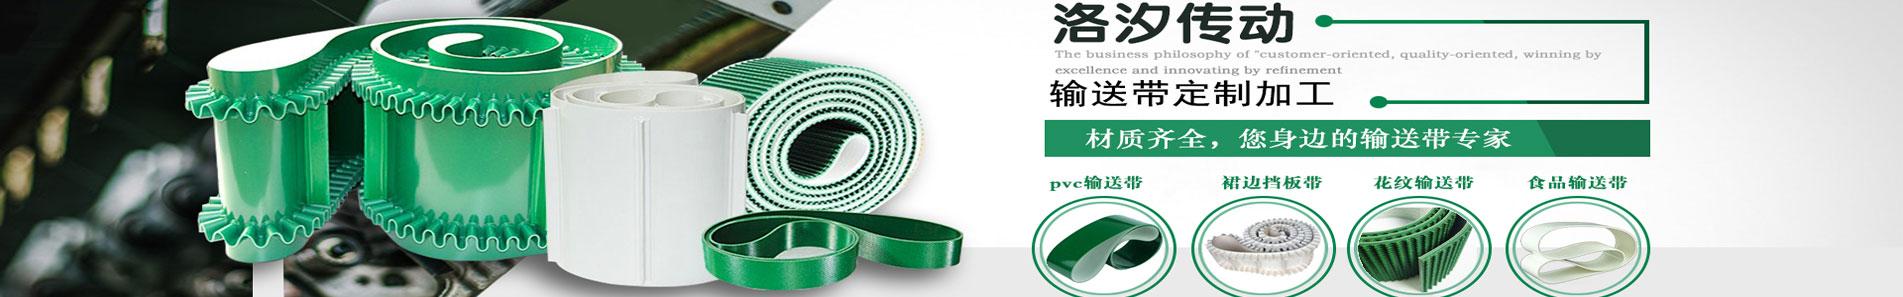 洛汐皮帶專業生產加工各種pvc輸送帶與傳送帶